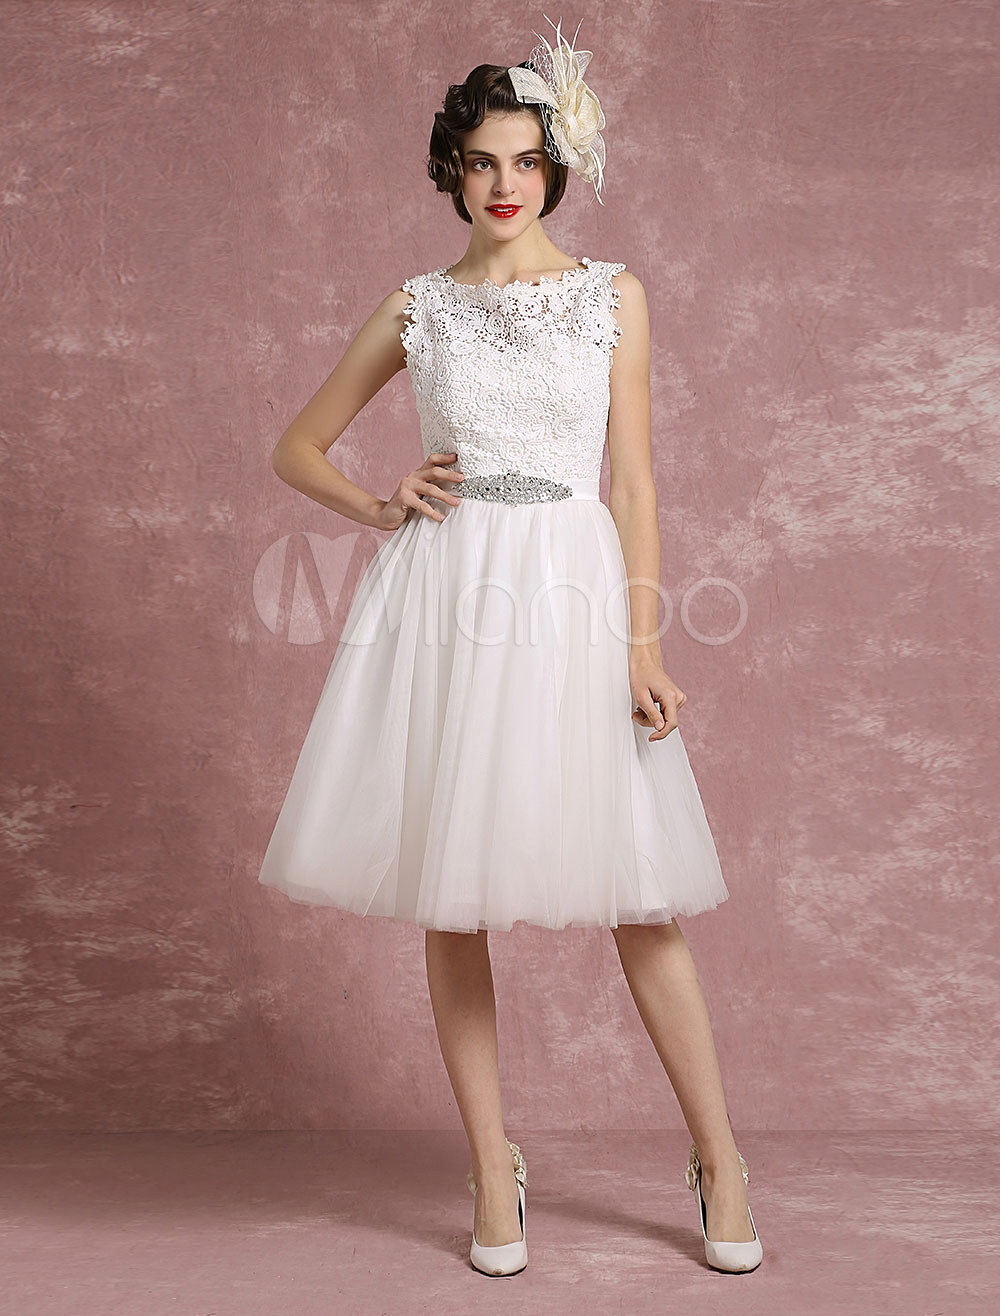 Mariage Vintage robe Illusion de dentelle